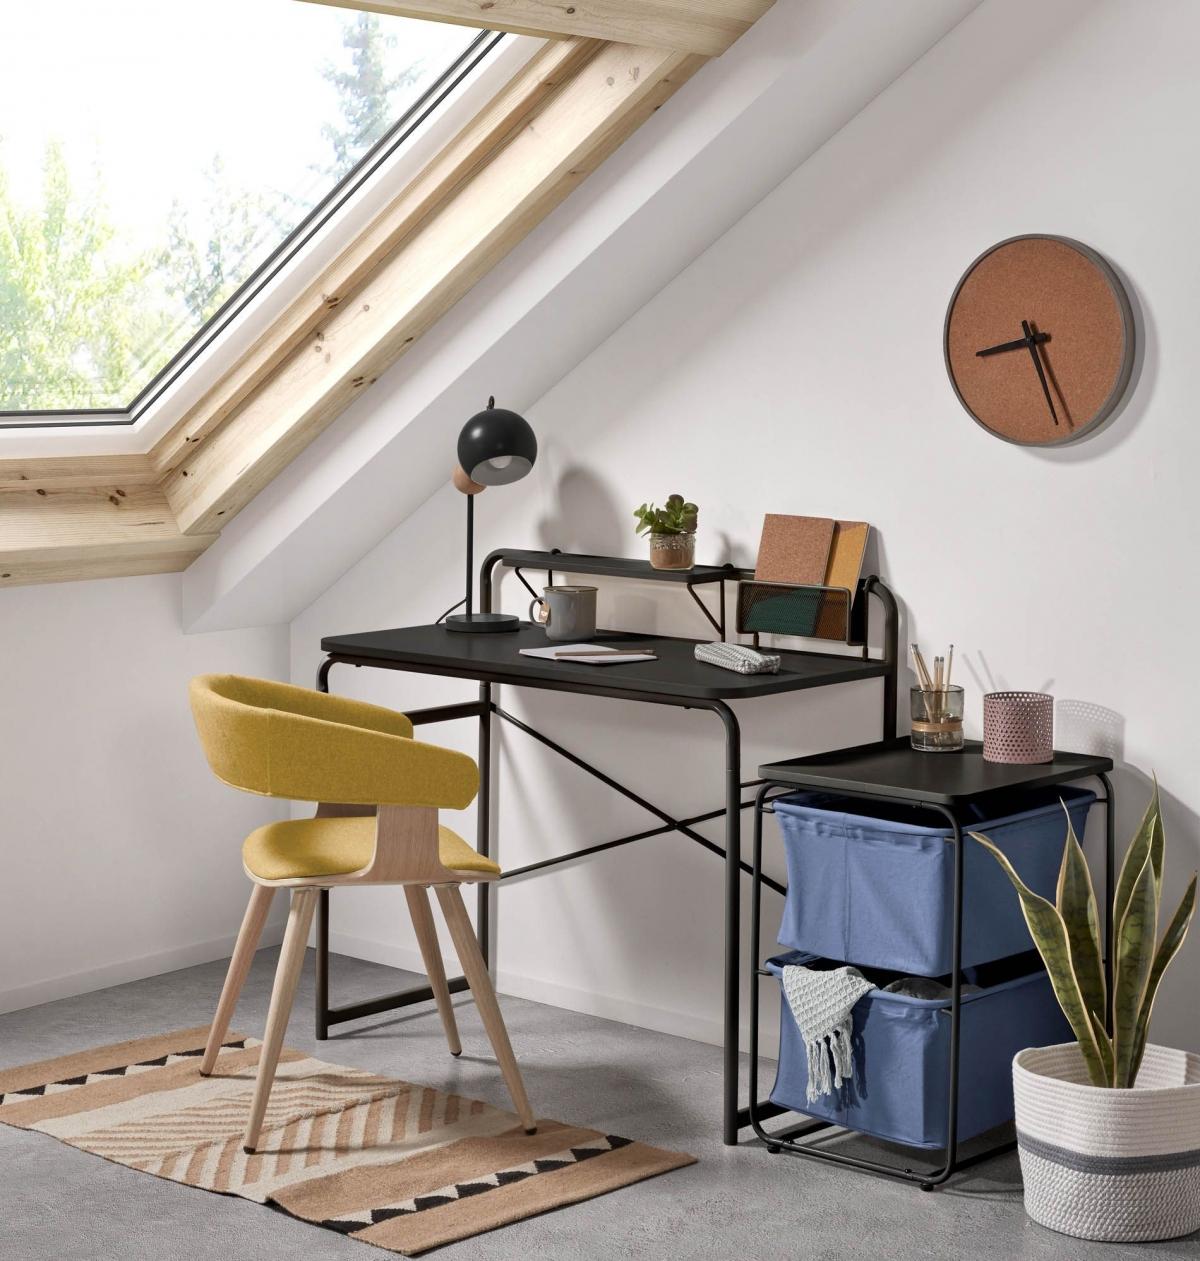 Удобный, современный и стильный рабочий уголок для любителей продуктивного труда